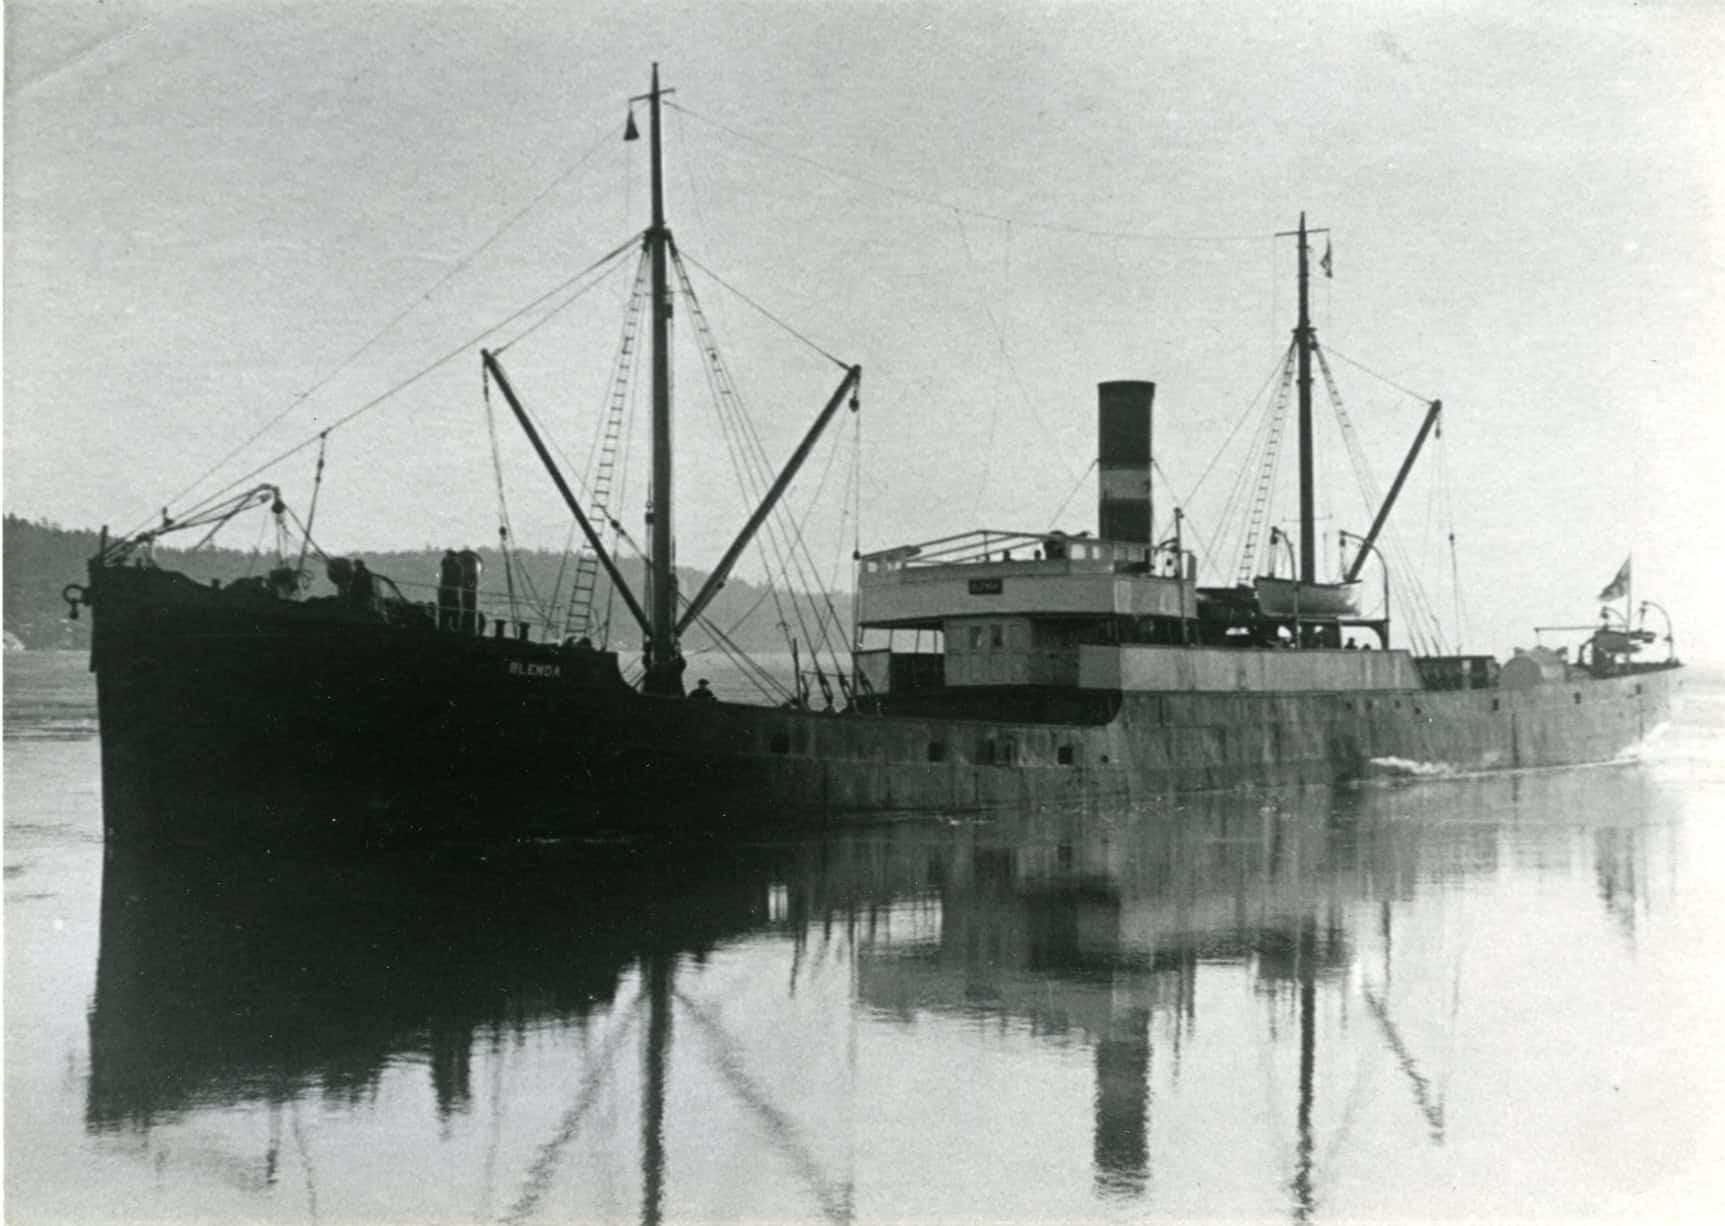 Historyczne zdjęcie parowiec SS Blenda